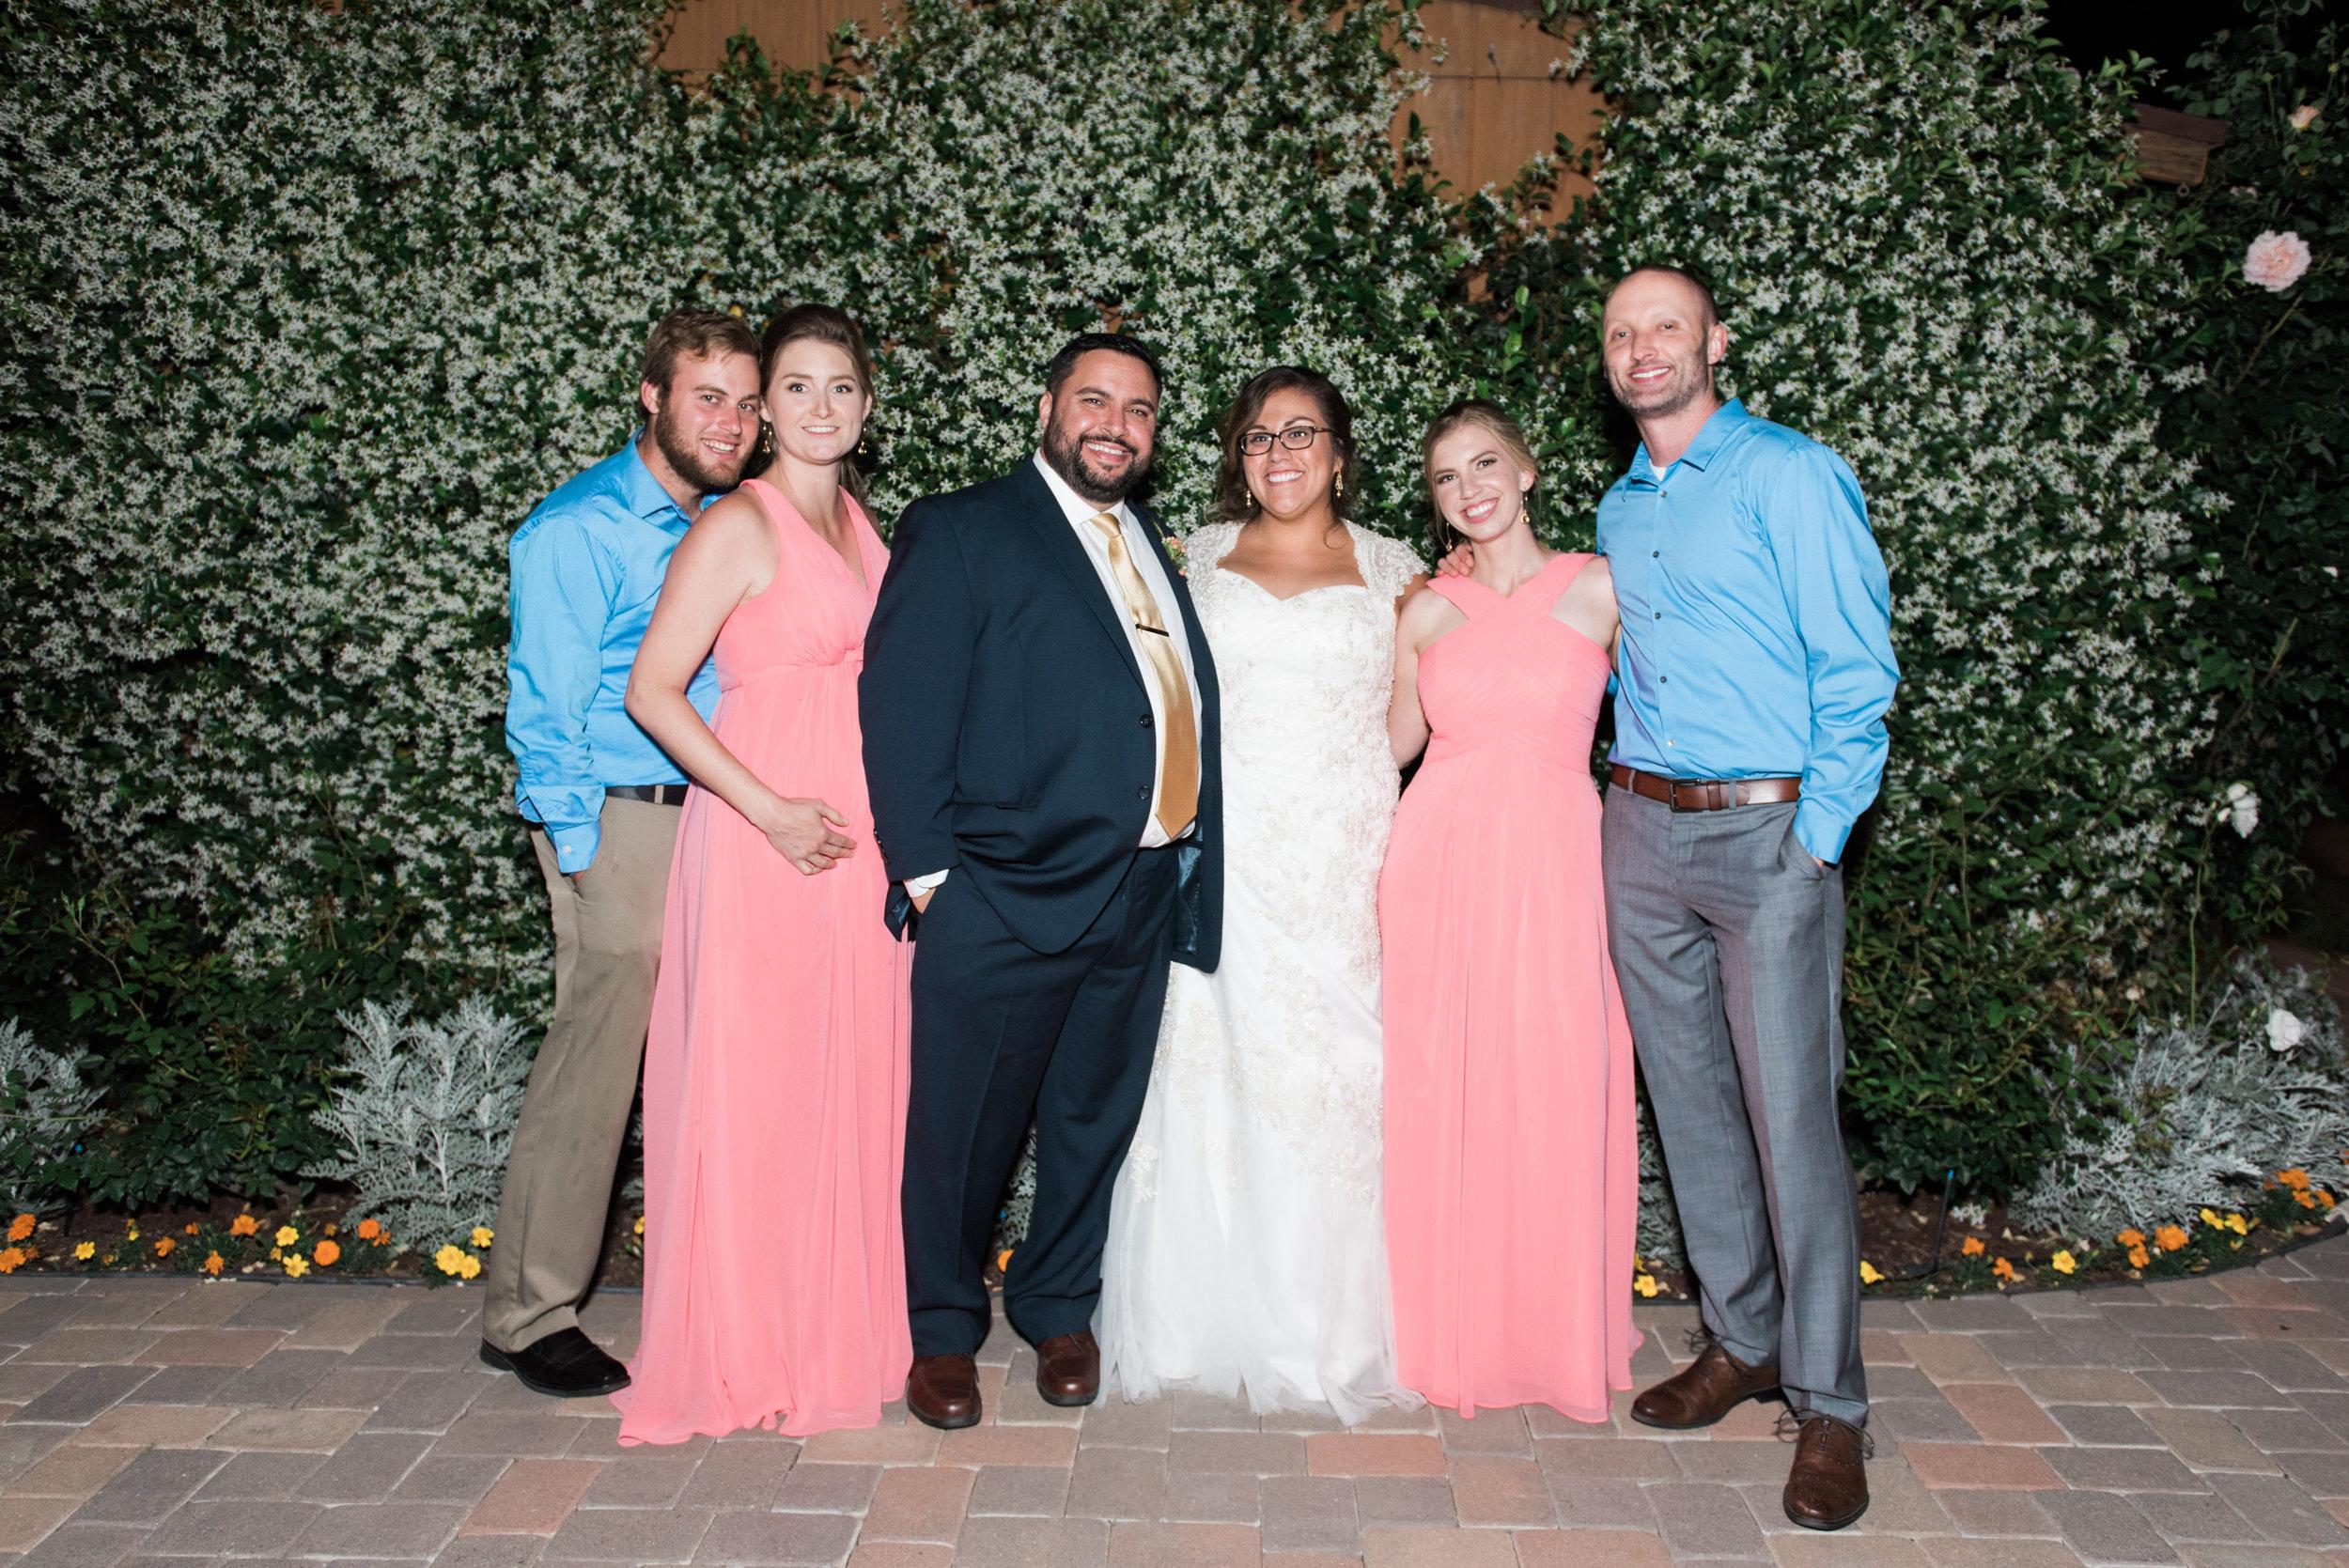 Bryan & Lindsey, Paul & Stephanie, Megan & Jonathan